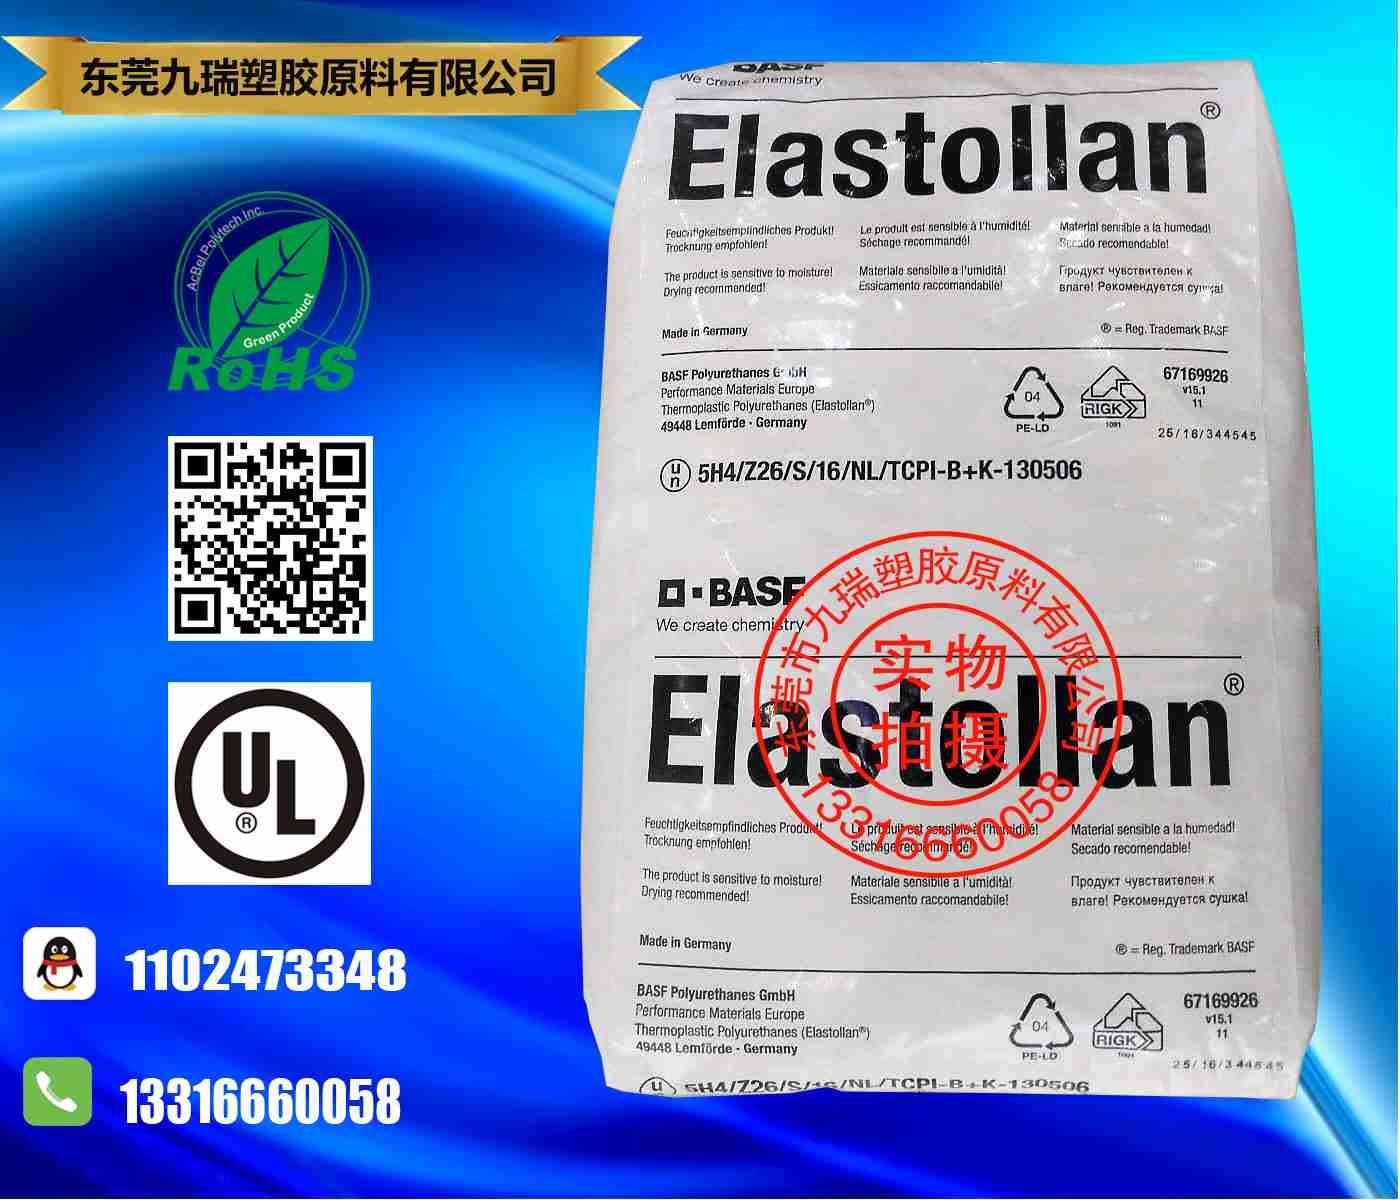 巴斯夫超高透明度TPU L785A10脂肪族薄膜级聚氨酯